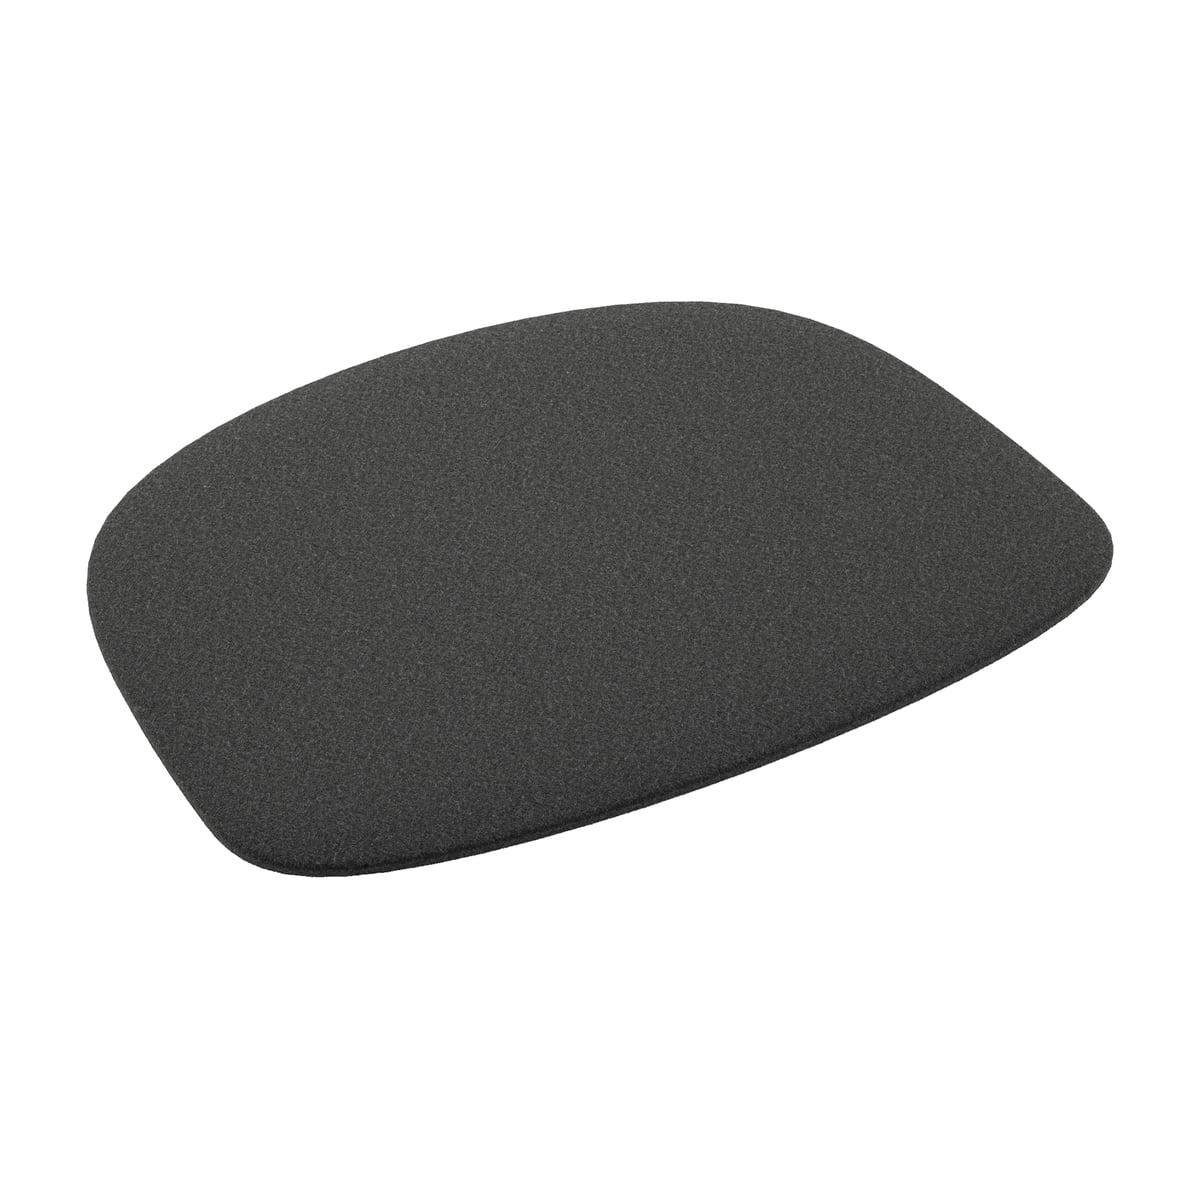 Sitzkissen Für Stuhl fast design möbel und gartenmöbel connox shop